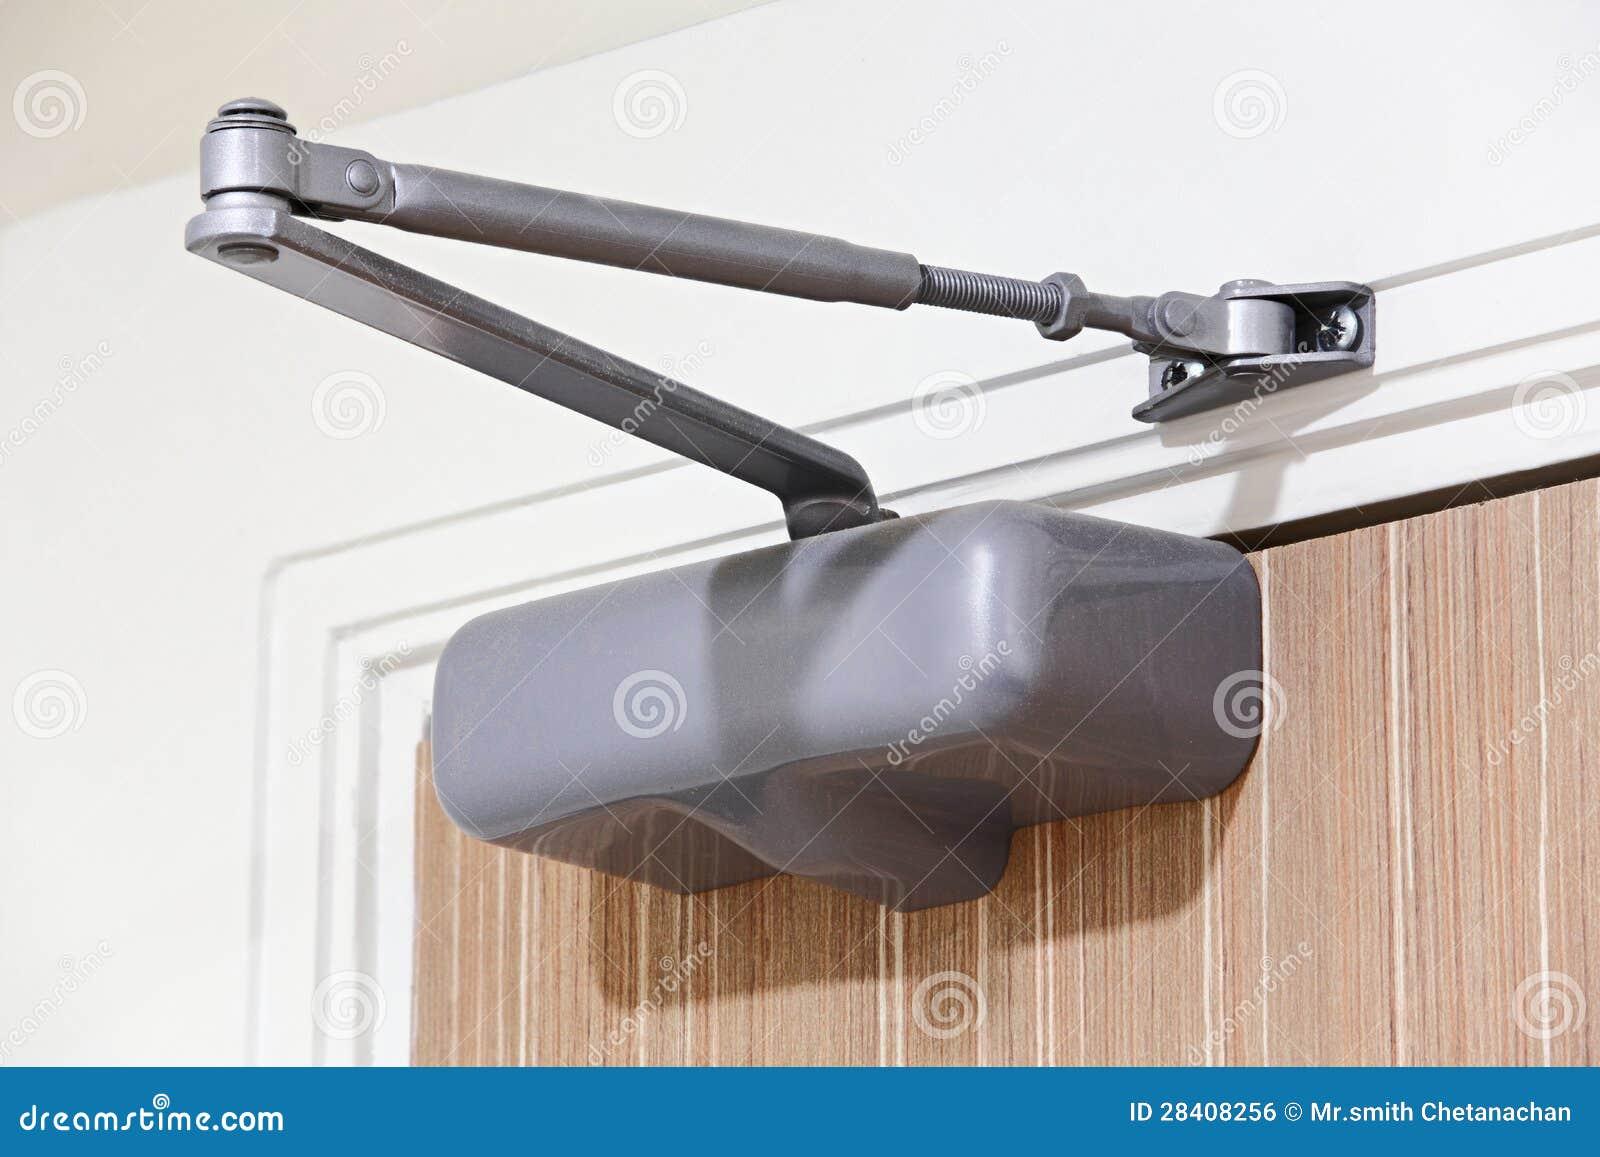 installation de ferme porte image libre de droits image 28408256. Black Bedroom Furniture Sets. Home Design Ideas